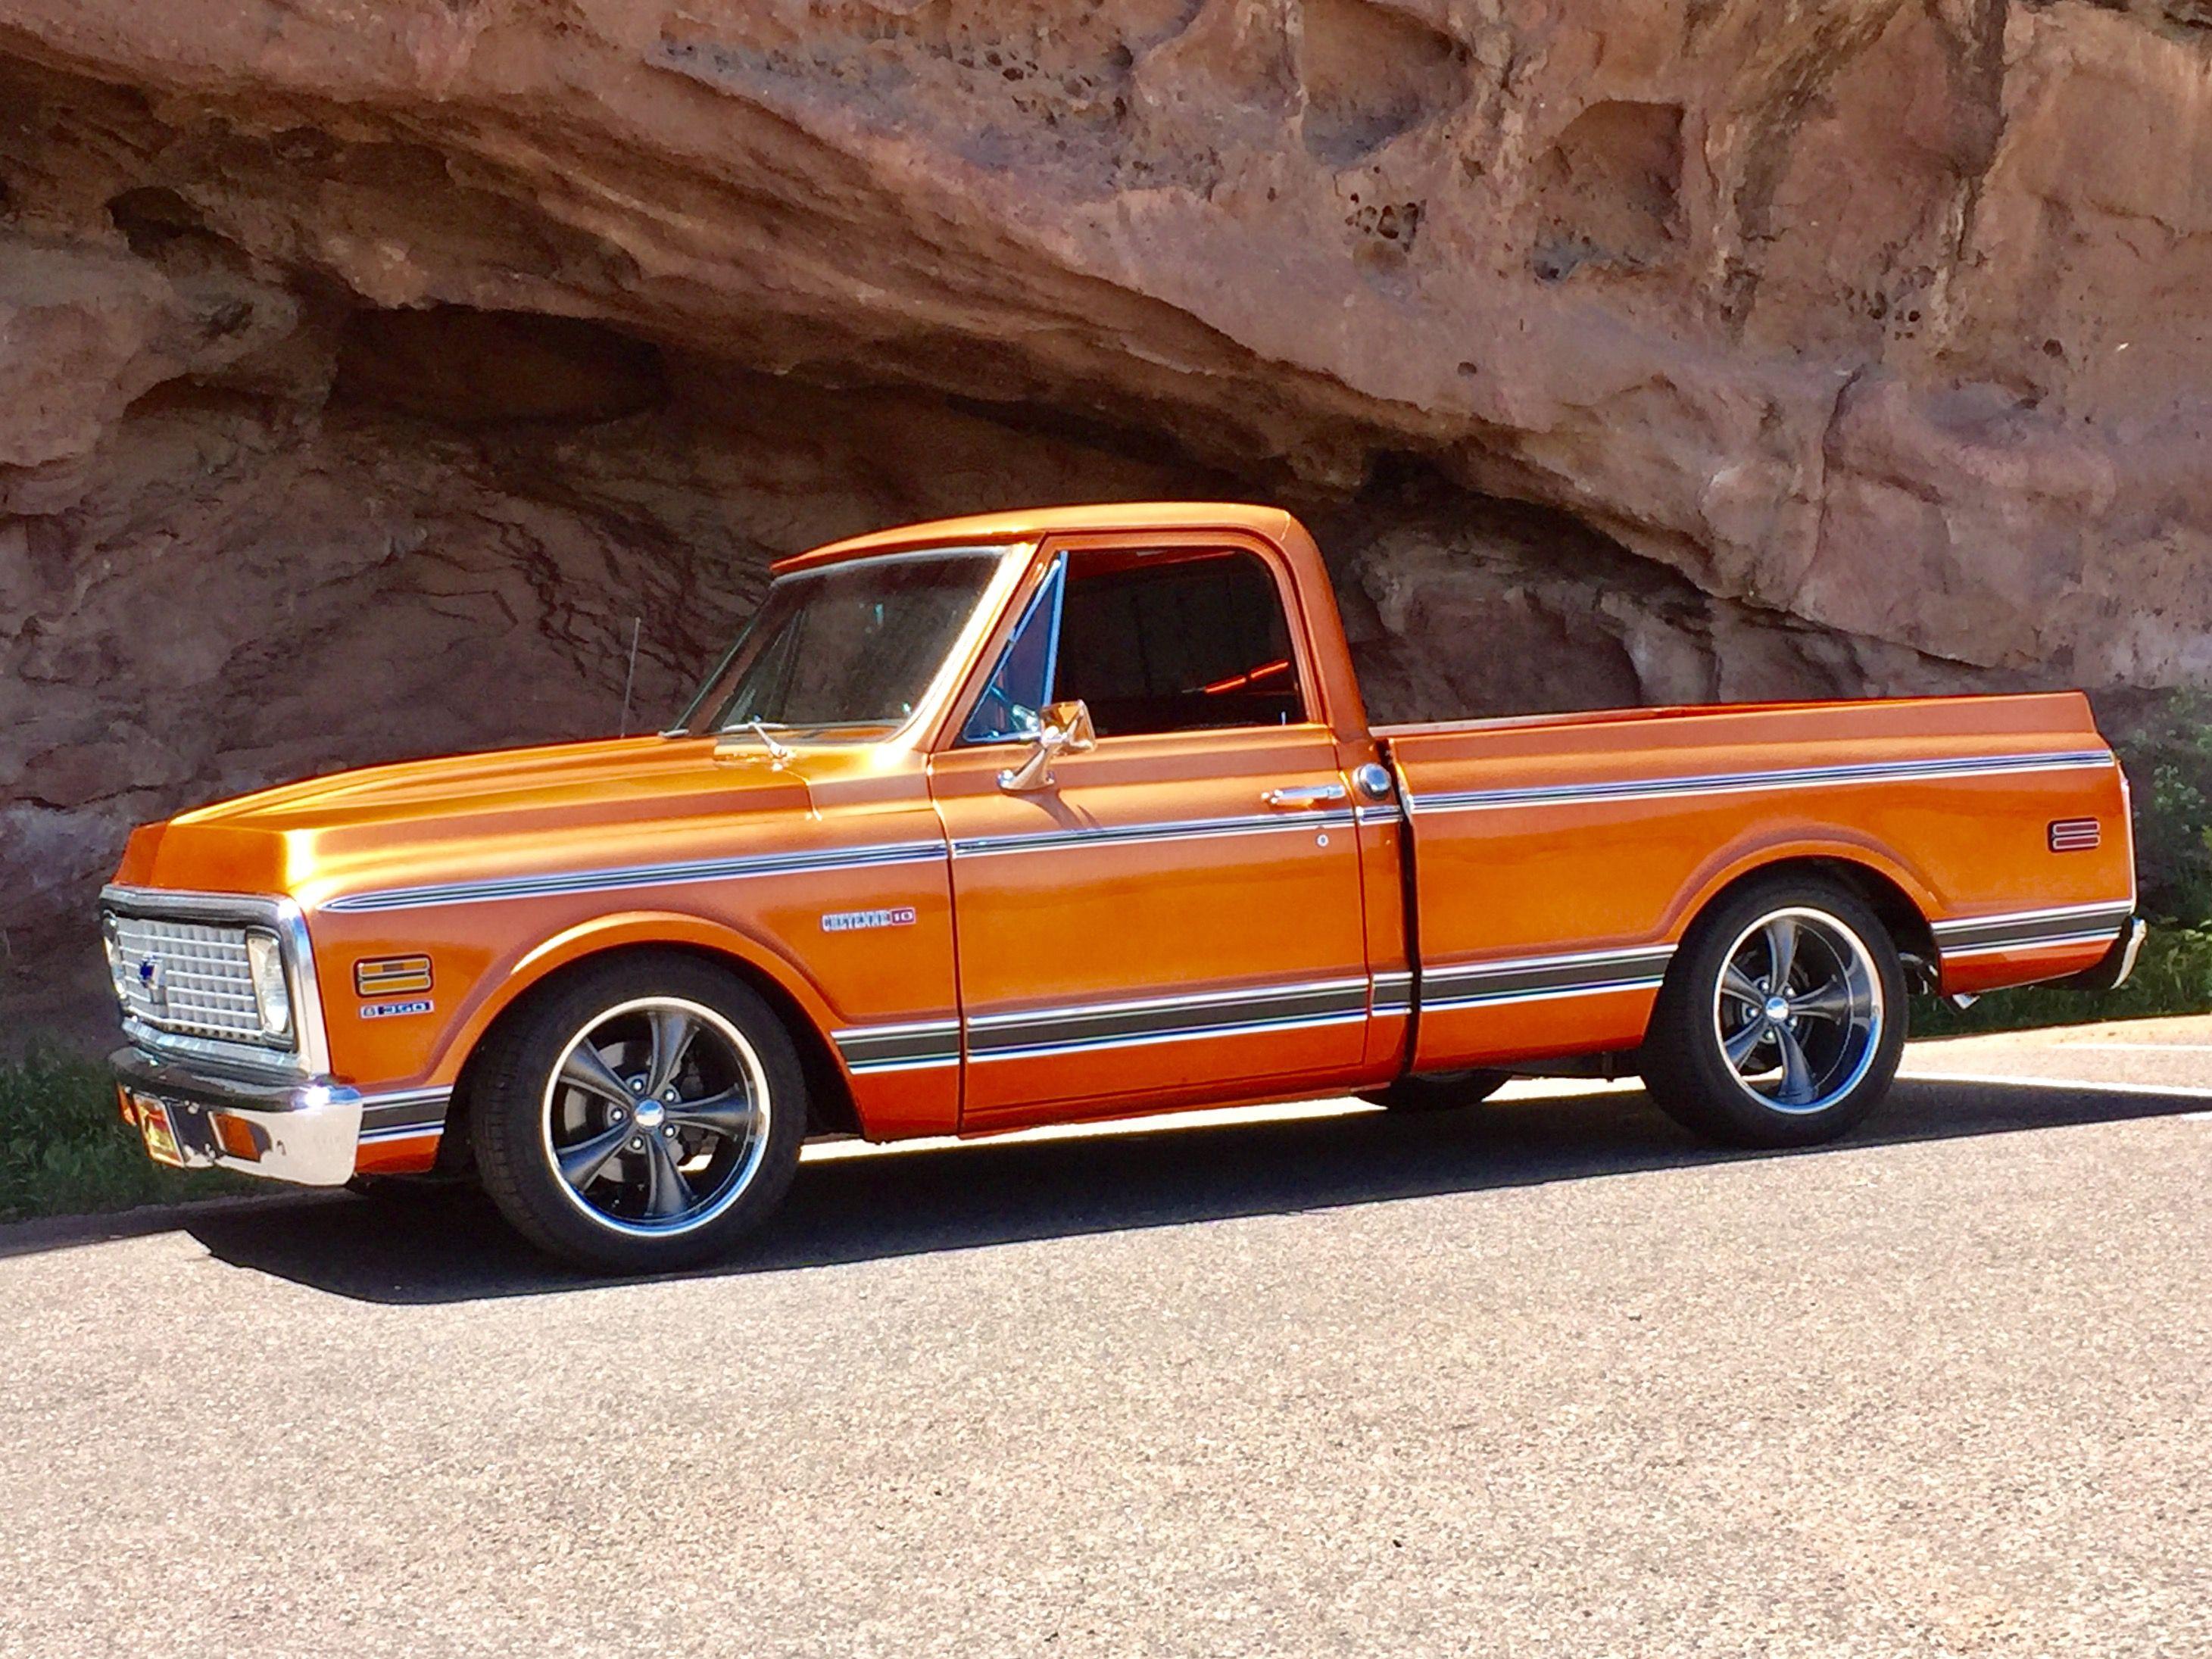 71 C10 LS Classic chevy trucks, Chevy trucks, Chevy c10